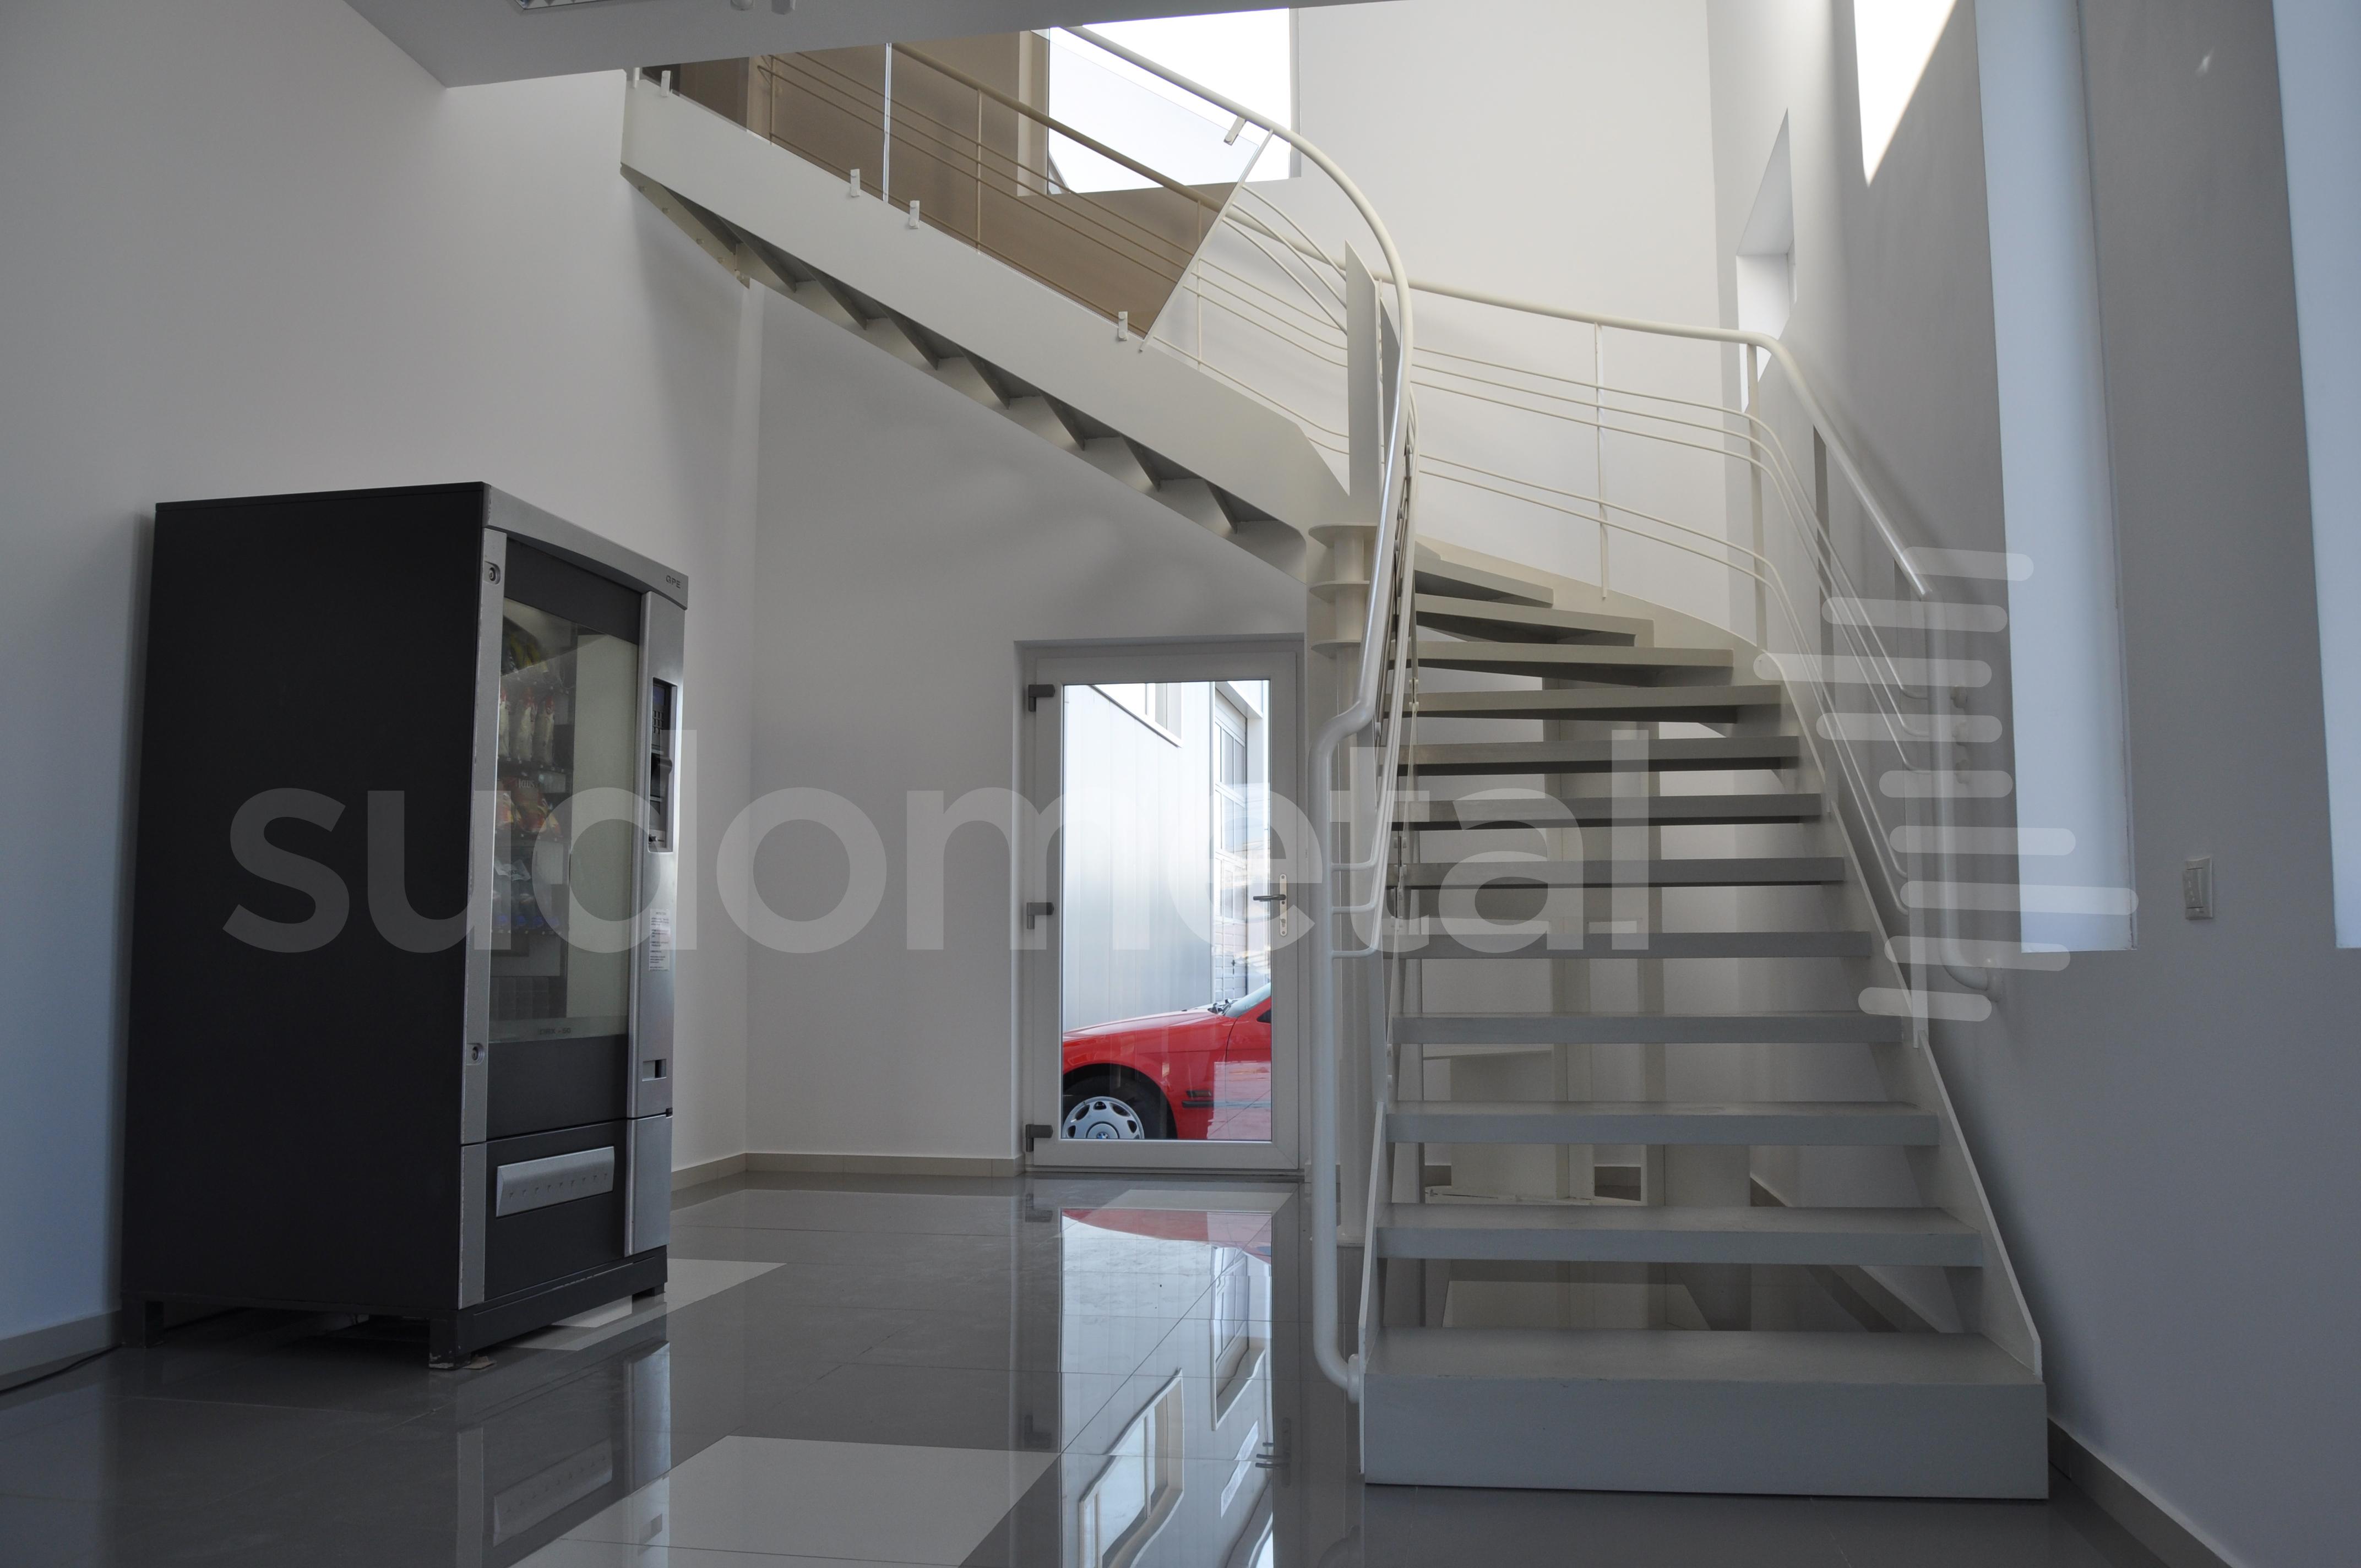 Scari cu vang lateral - Scara design showroom  SUDOMETAL - Poza 4